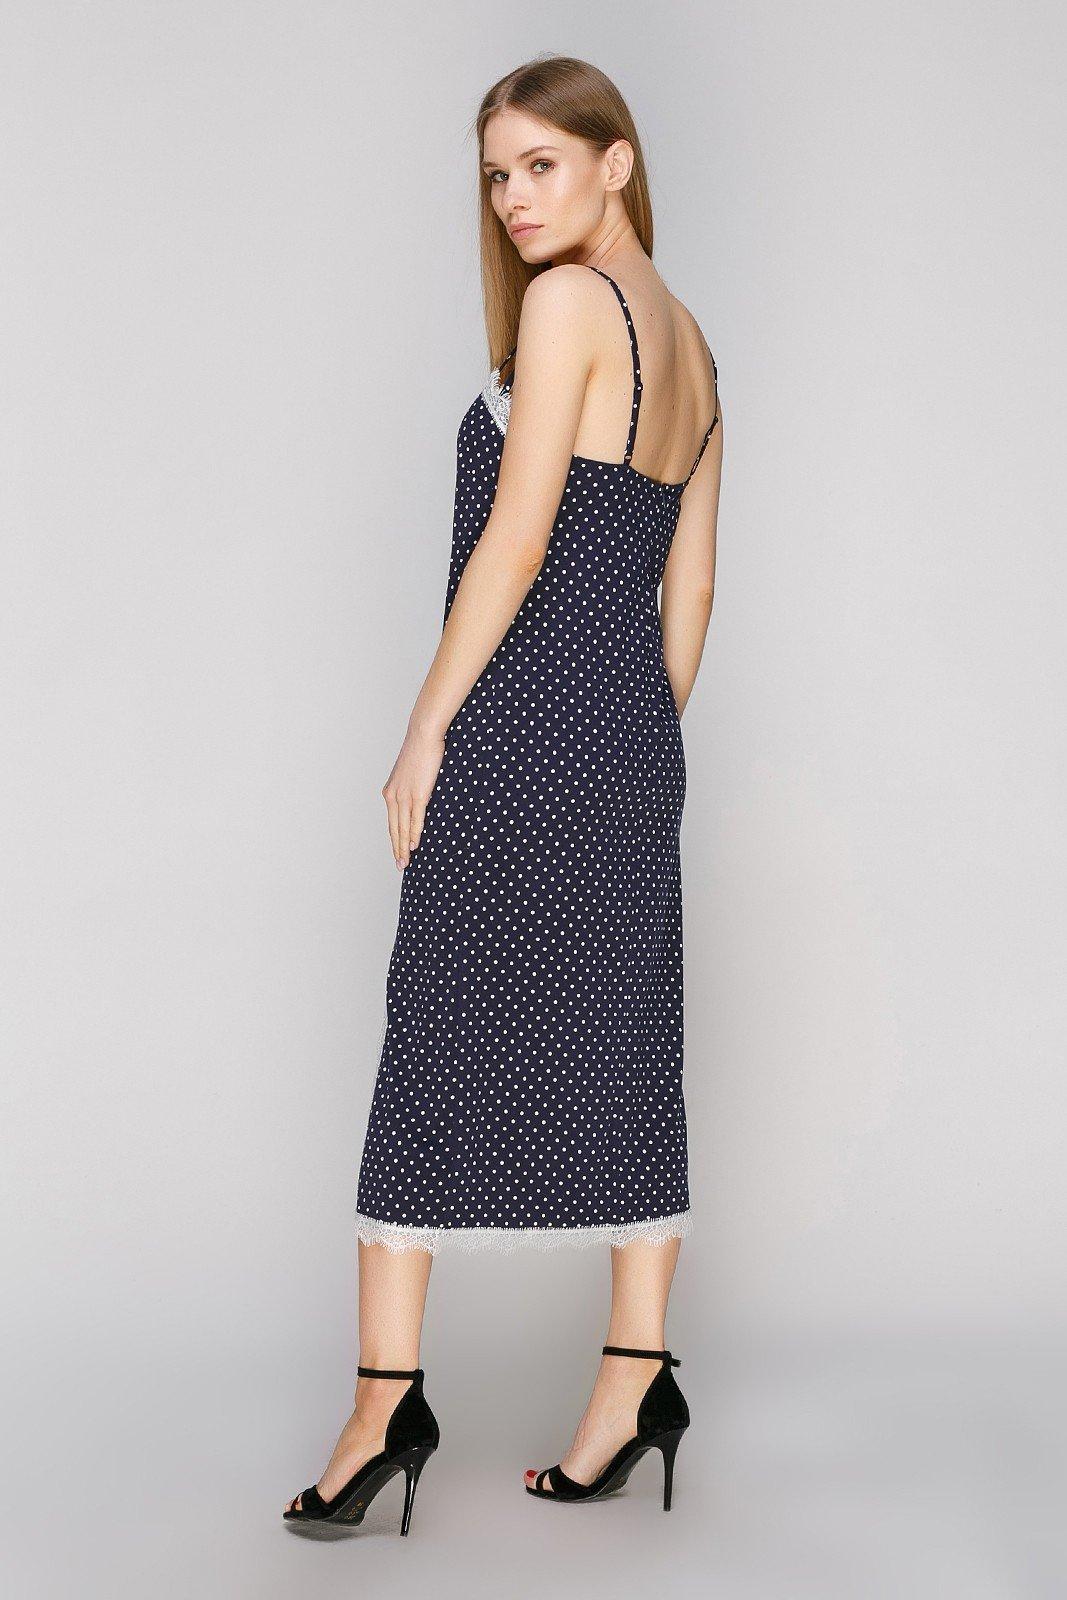 Платье Флорес